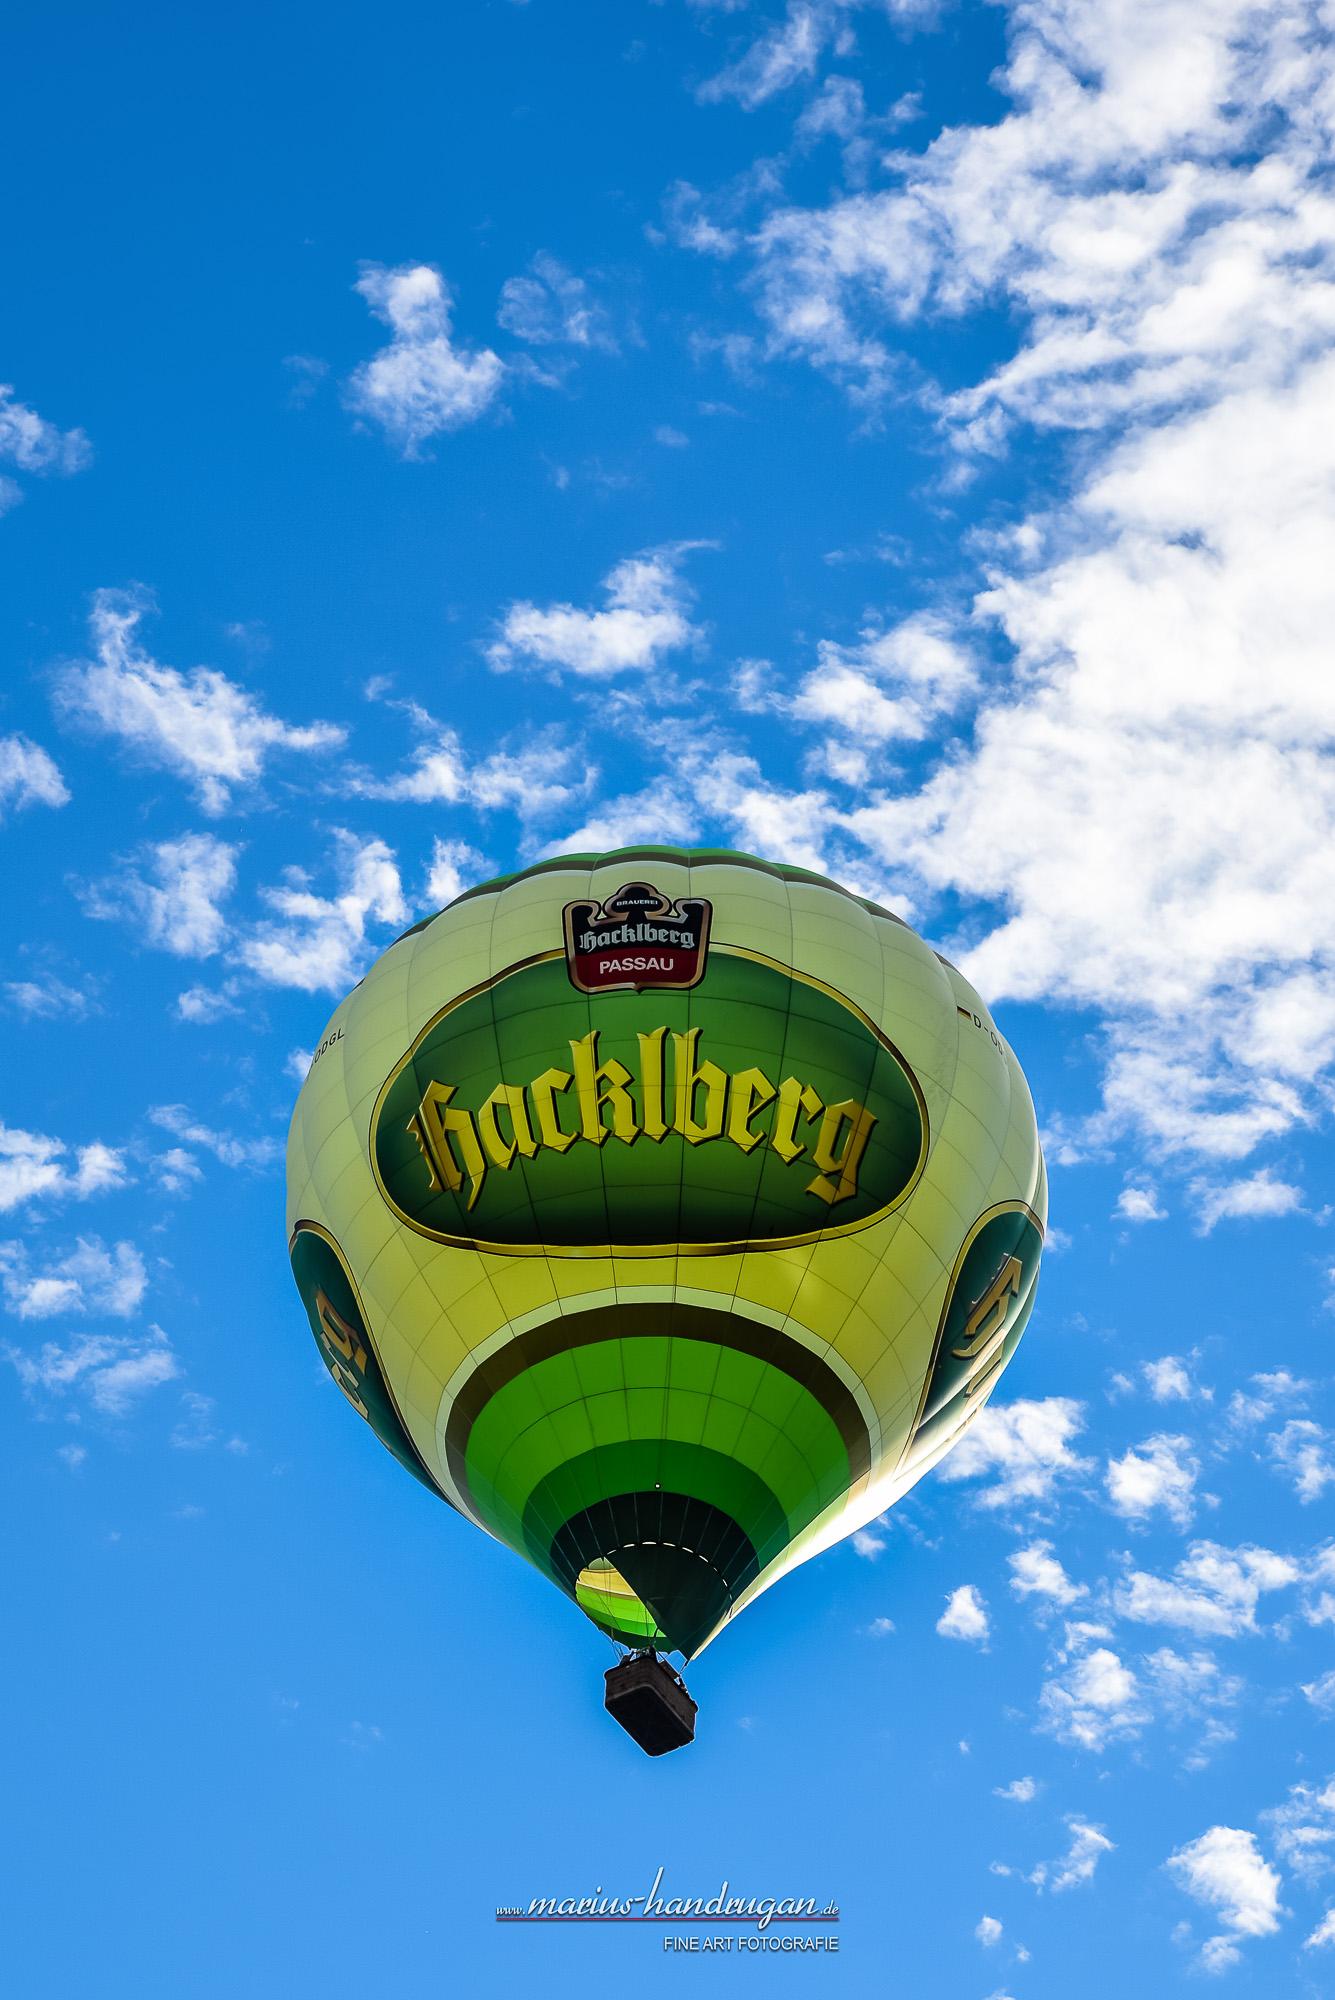 Hacklberger Brauerei Passau